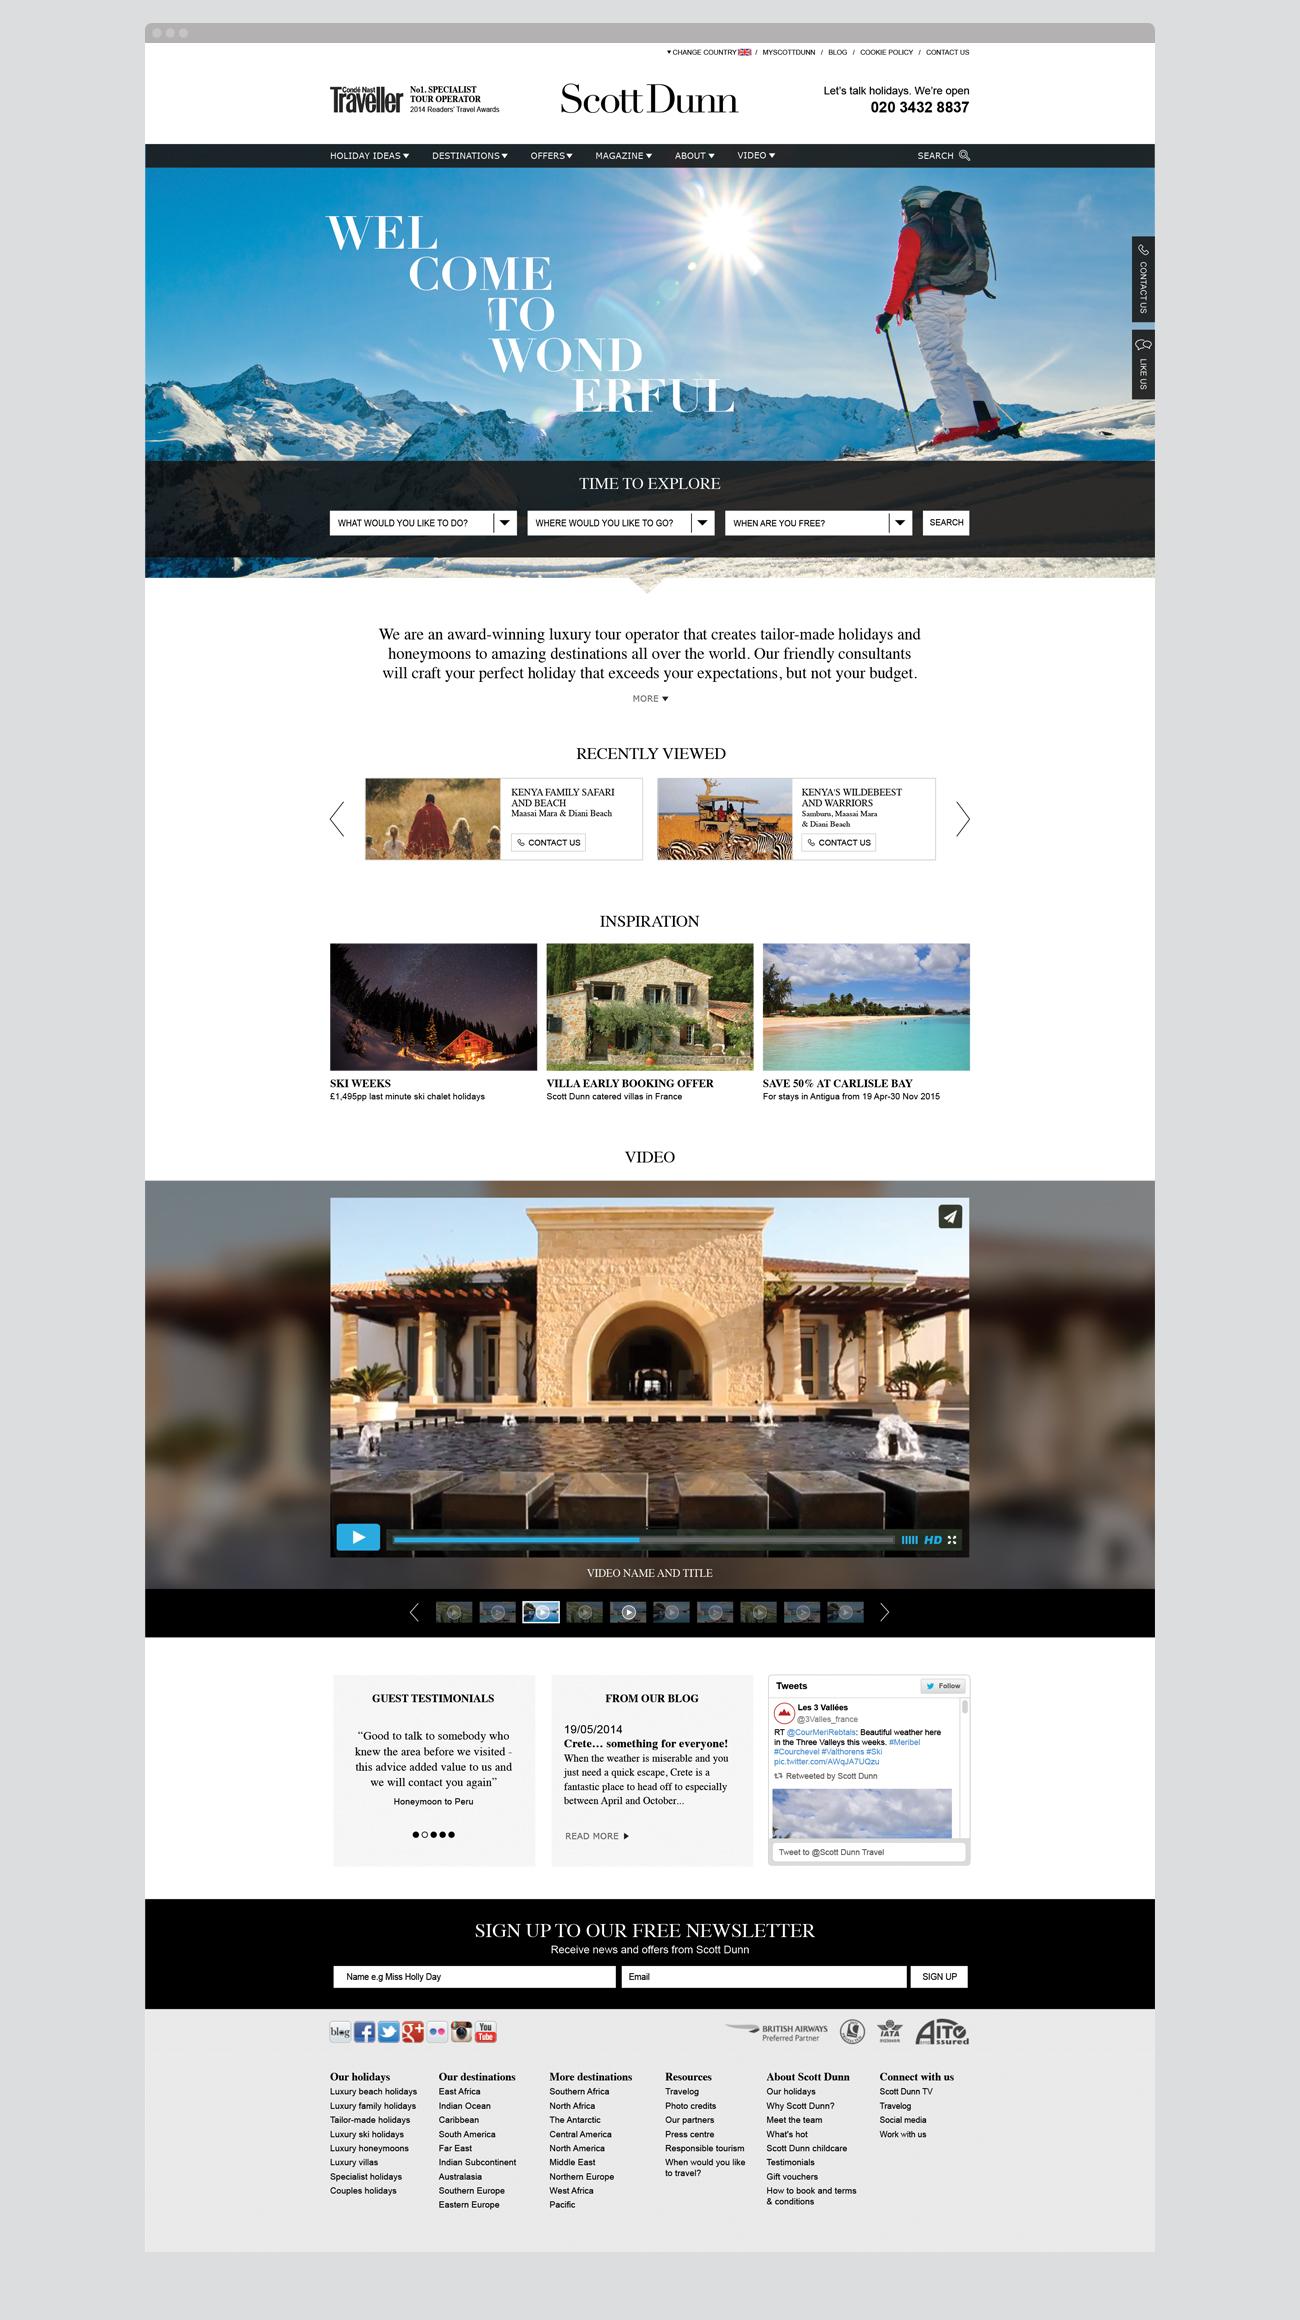 Scott Dunn Website Home